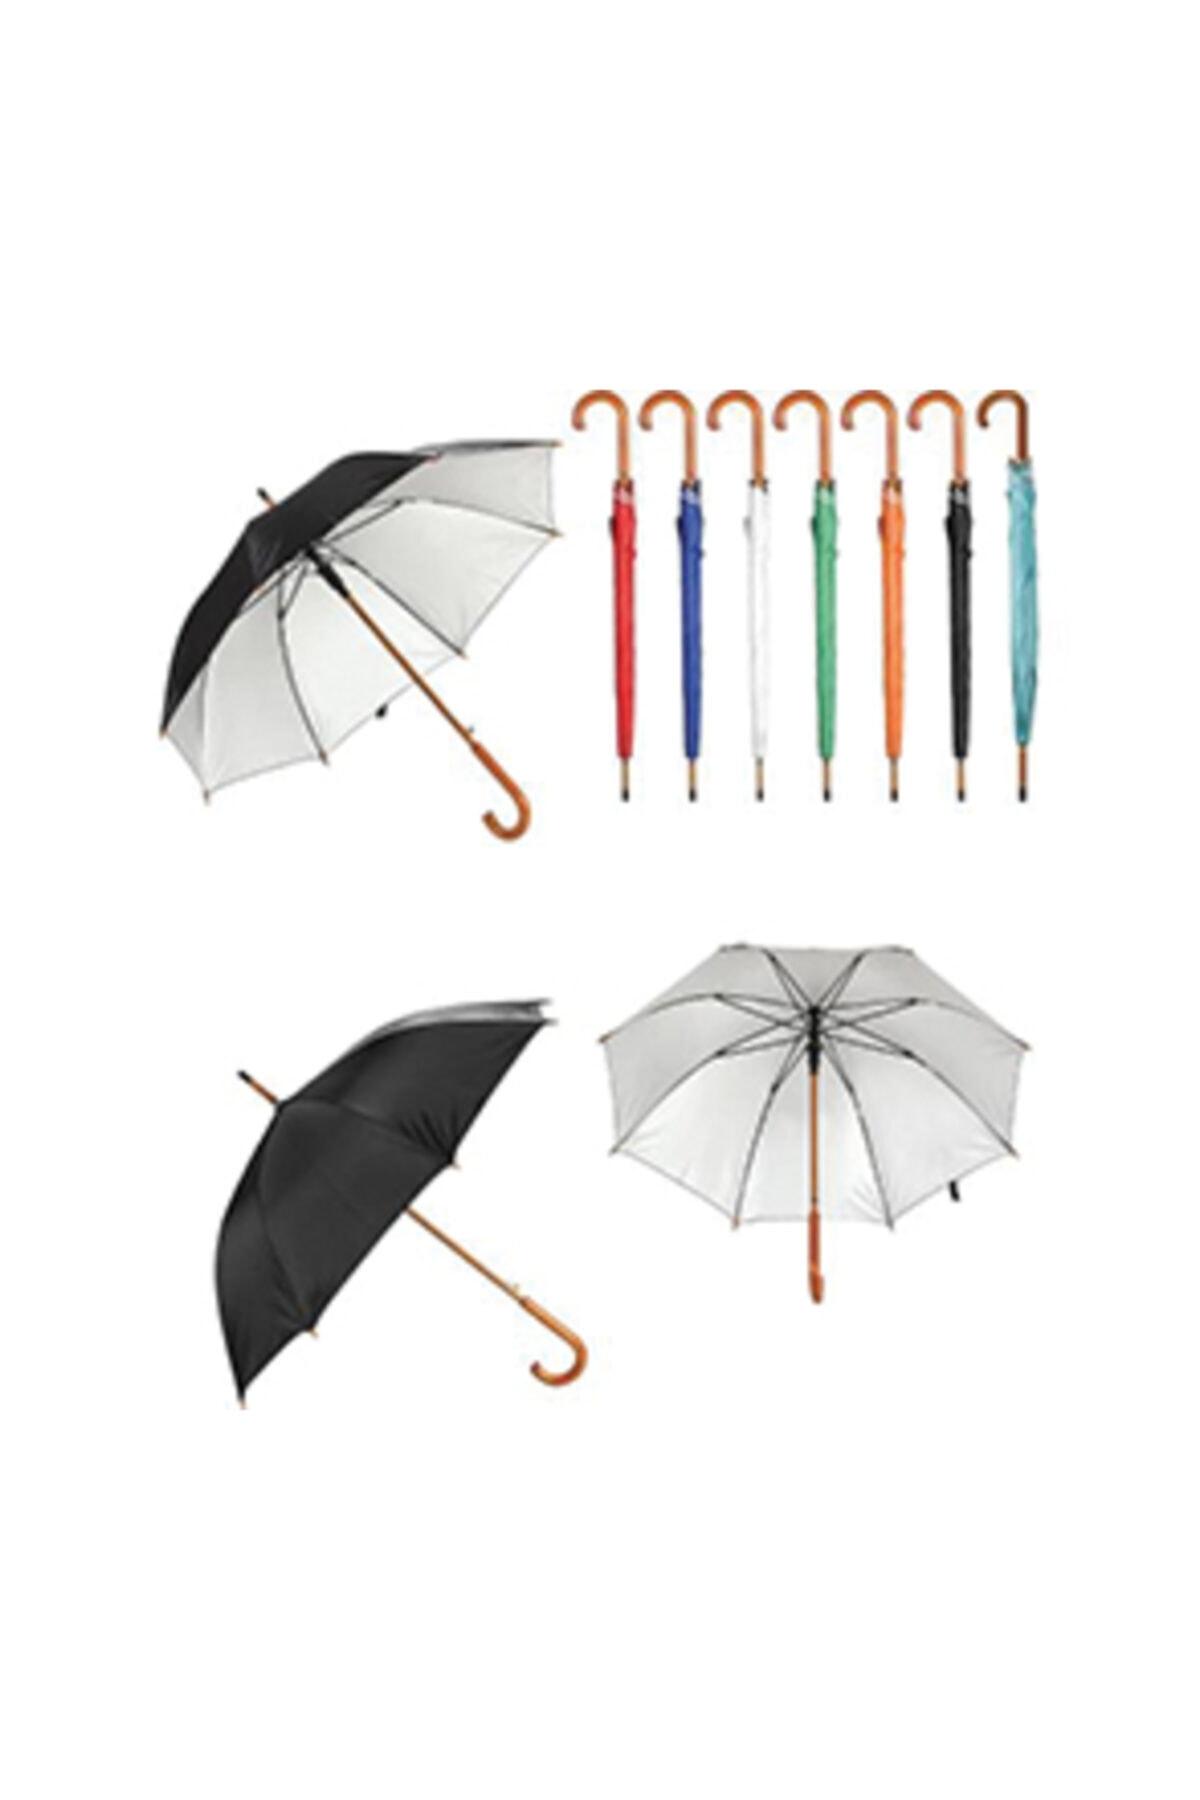 TREND Ahşap Saplı Fiber Glass Kırılmaz Şemsiye (mavi) 2